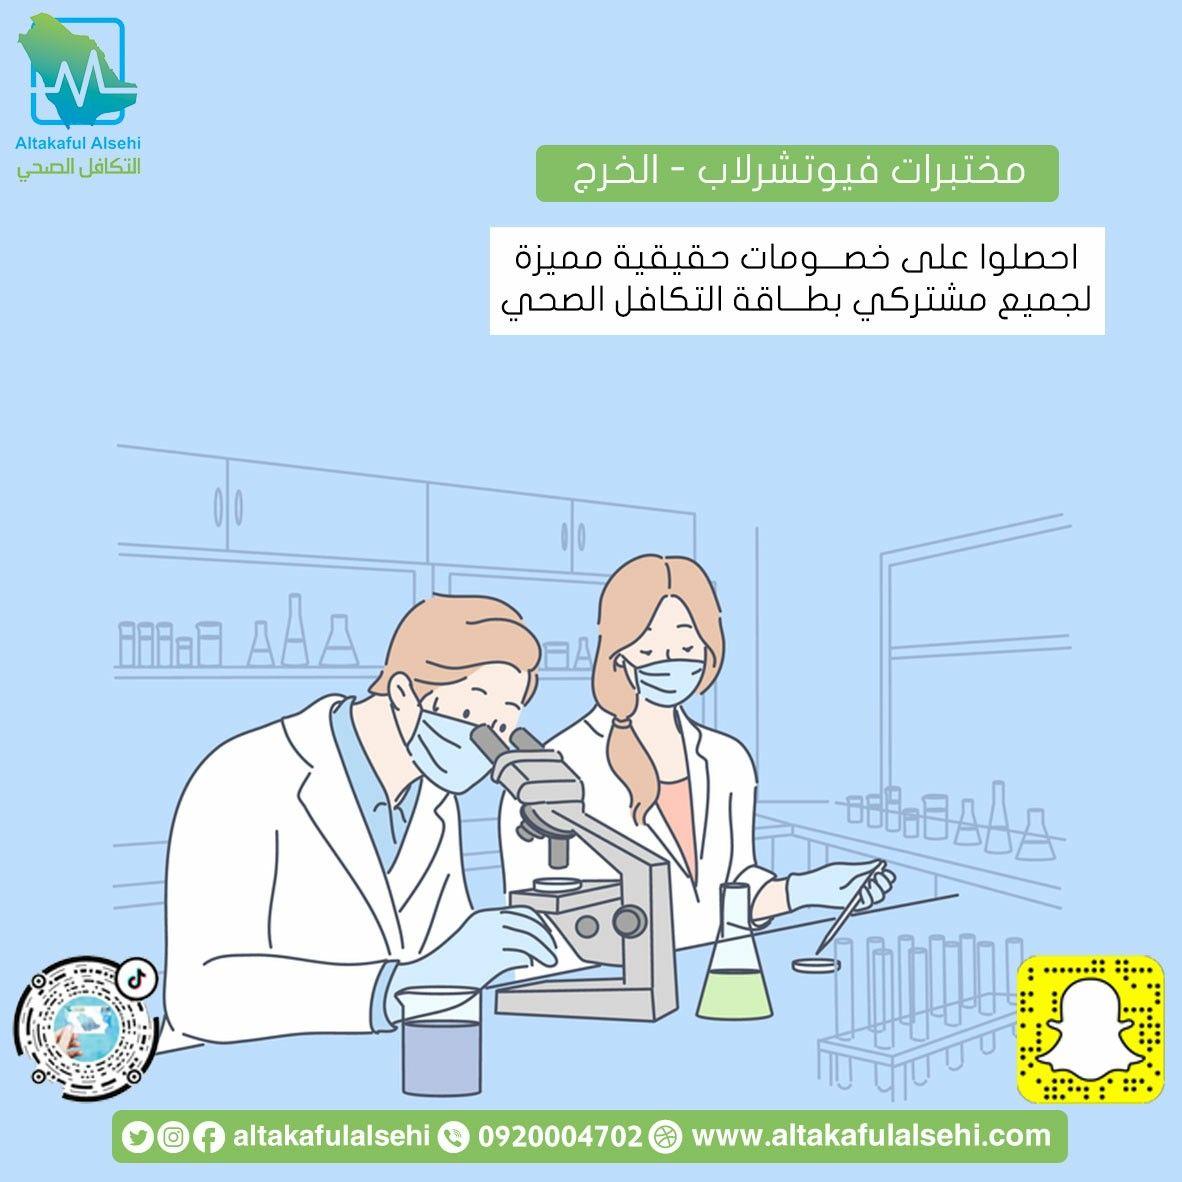 نقدم لكم المساعدة في مختبرات فيوتشرلاب في الخرج بخصومات مميزة على بطاقة التكافل الصحي Https Bit Ly 33ejkmu مختبر تحاليل Health Insurance Memes Ecard Meme